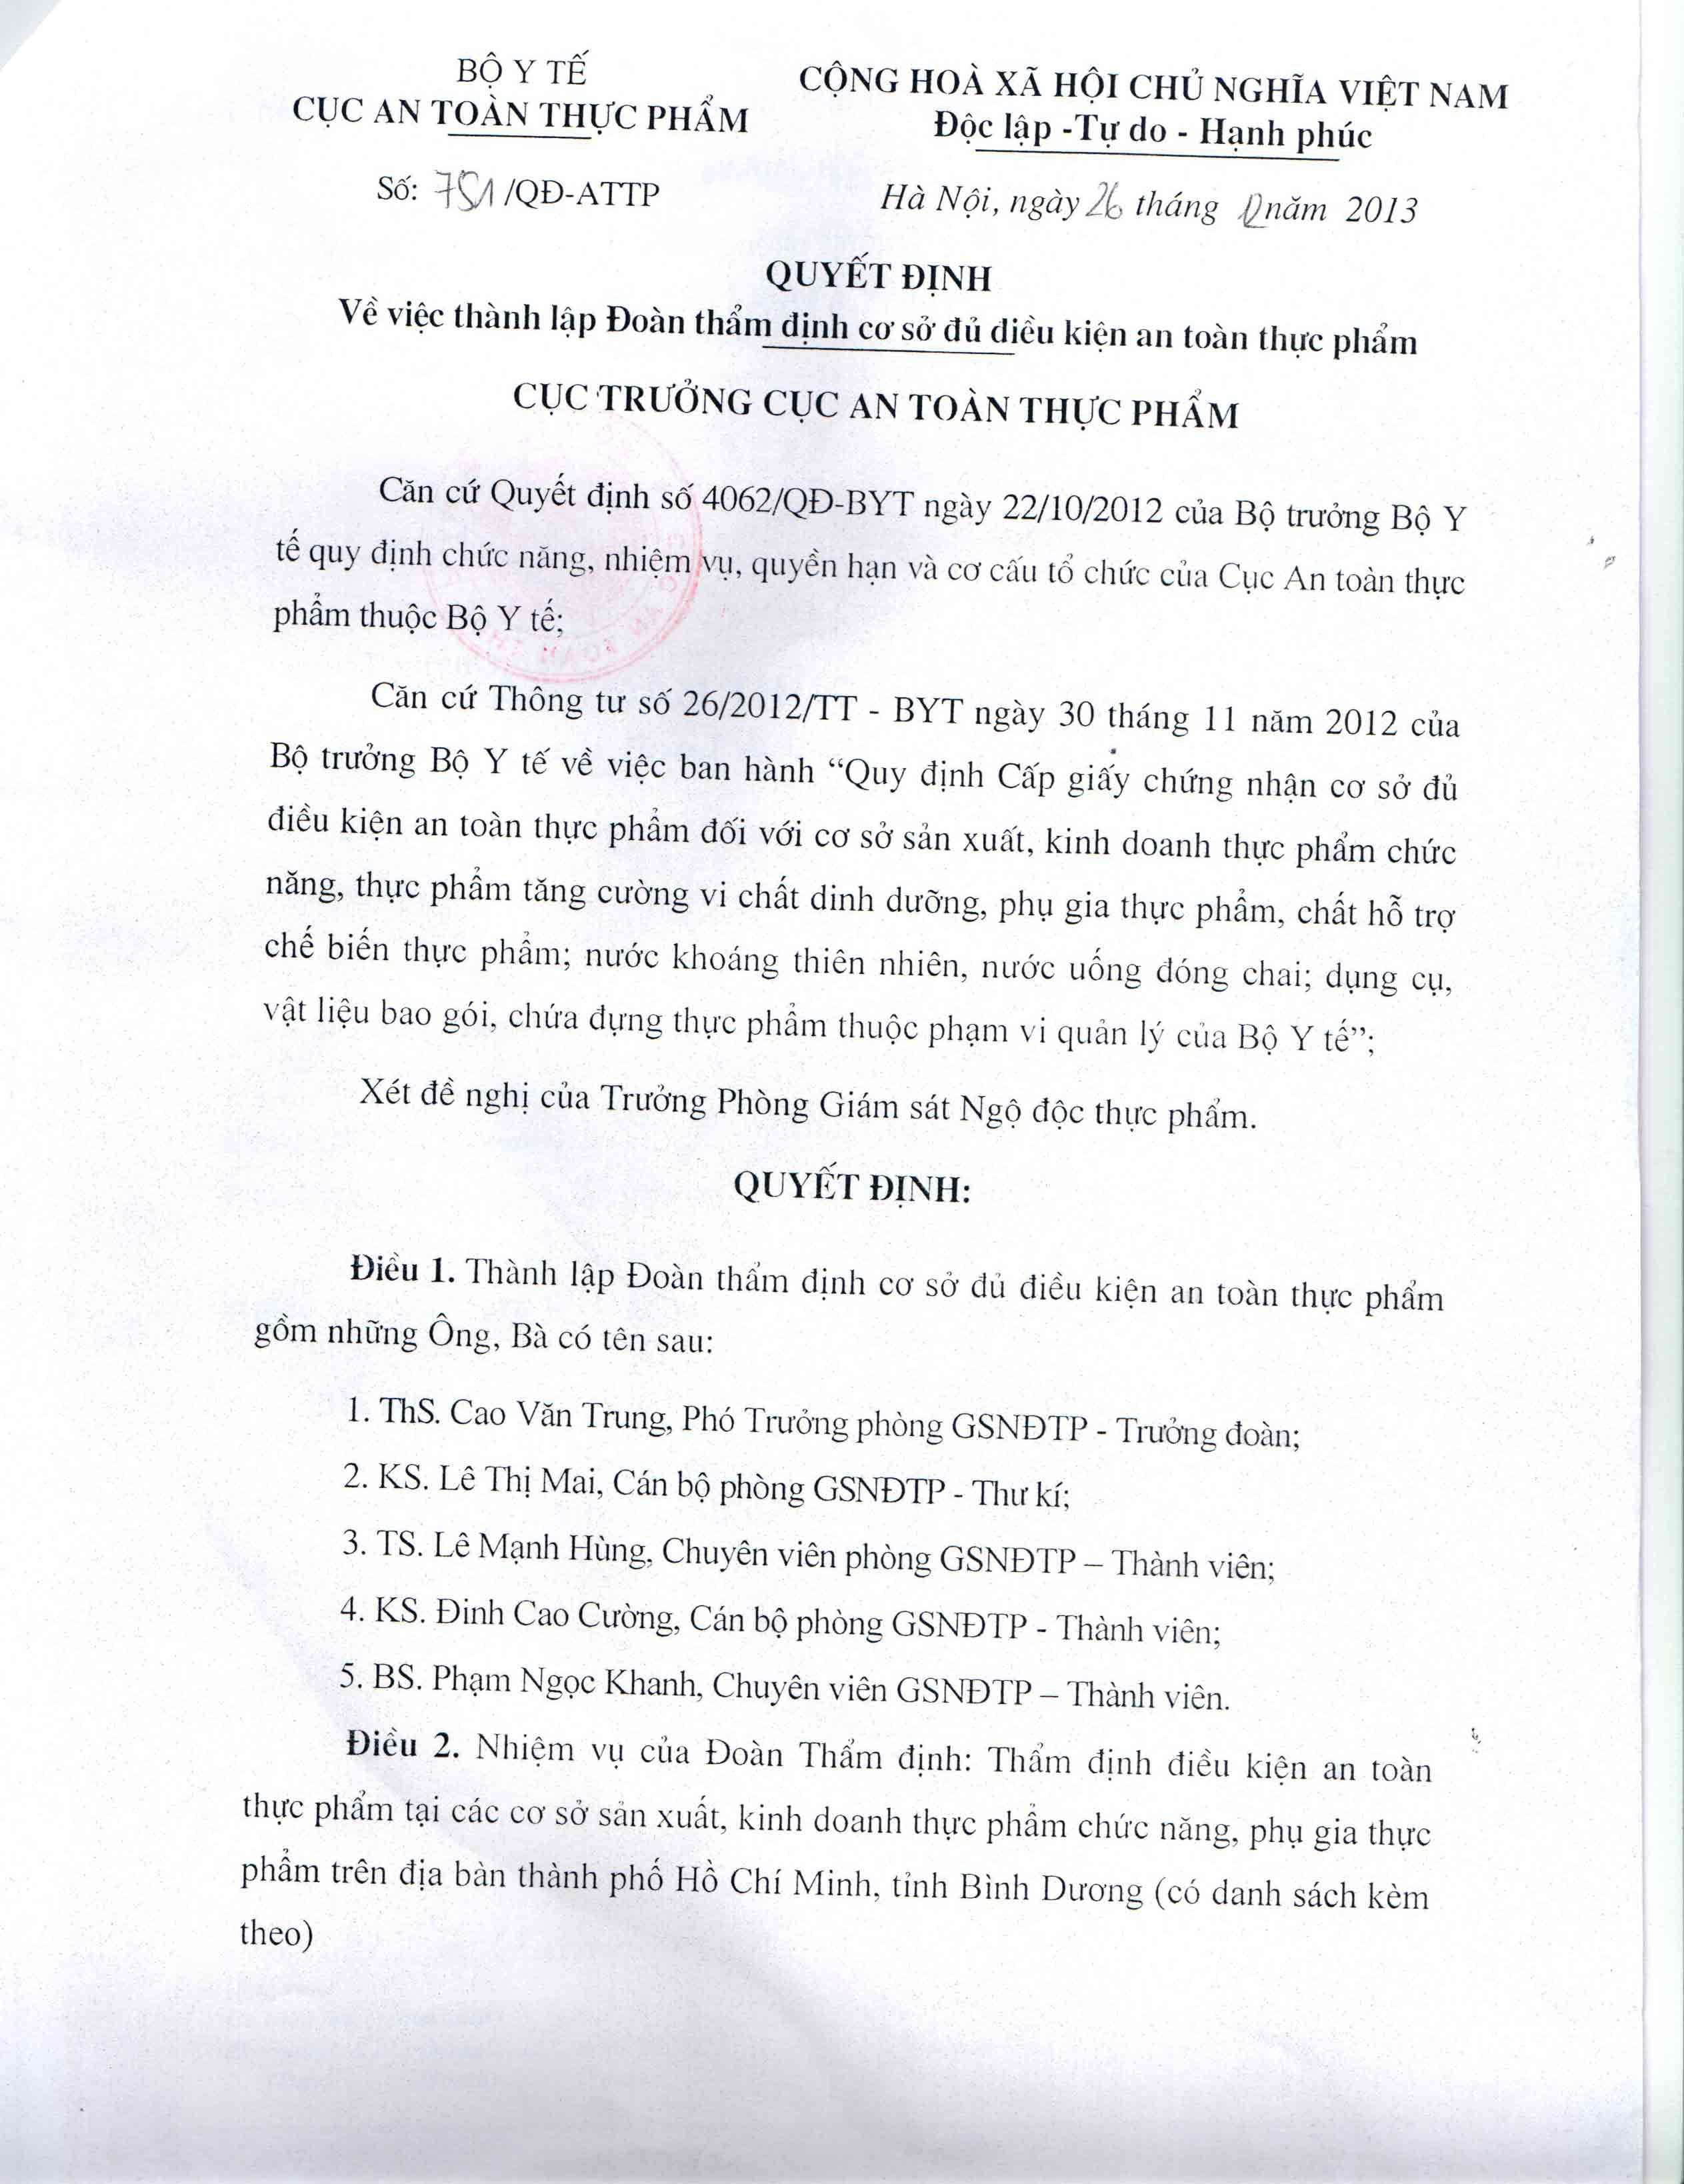 Quyết định -  thẩm định ATVS Thực Phẩm 1